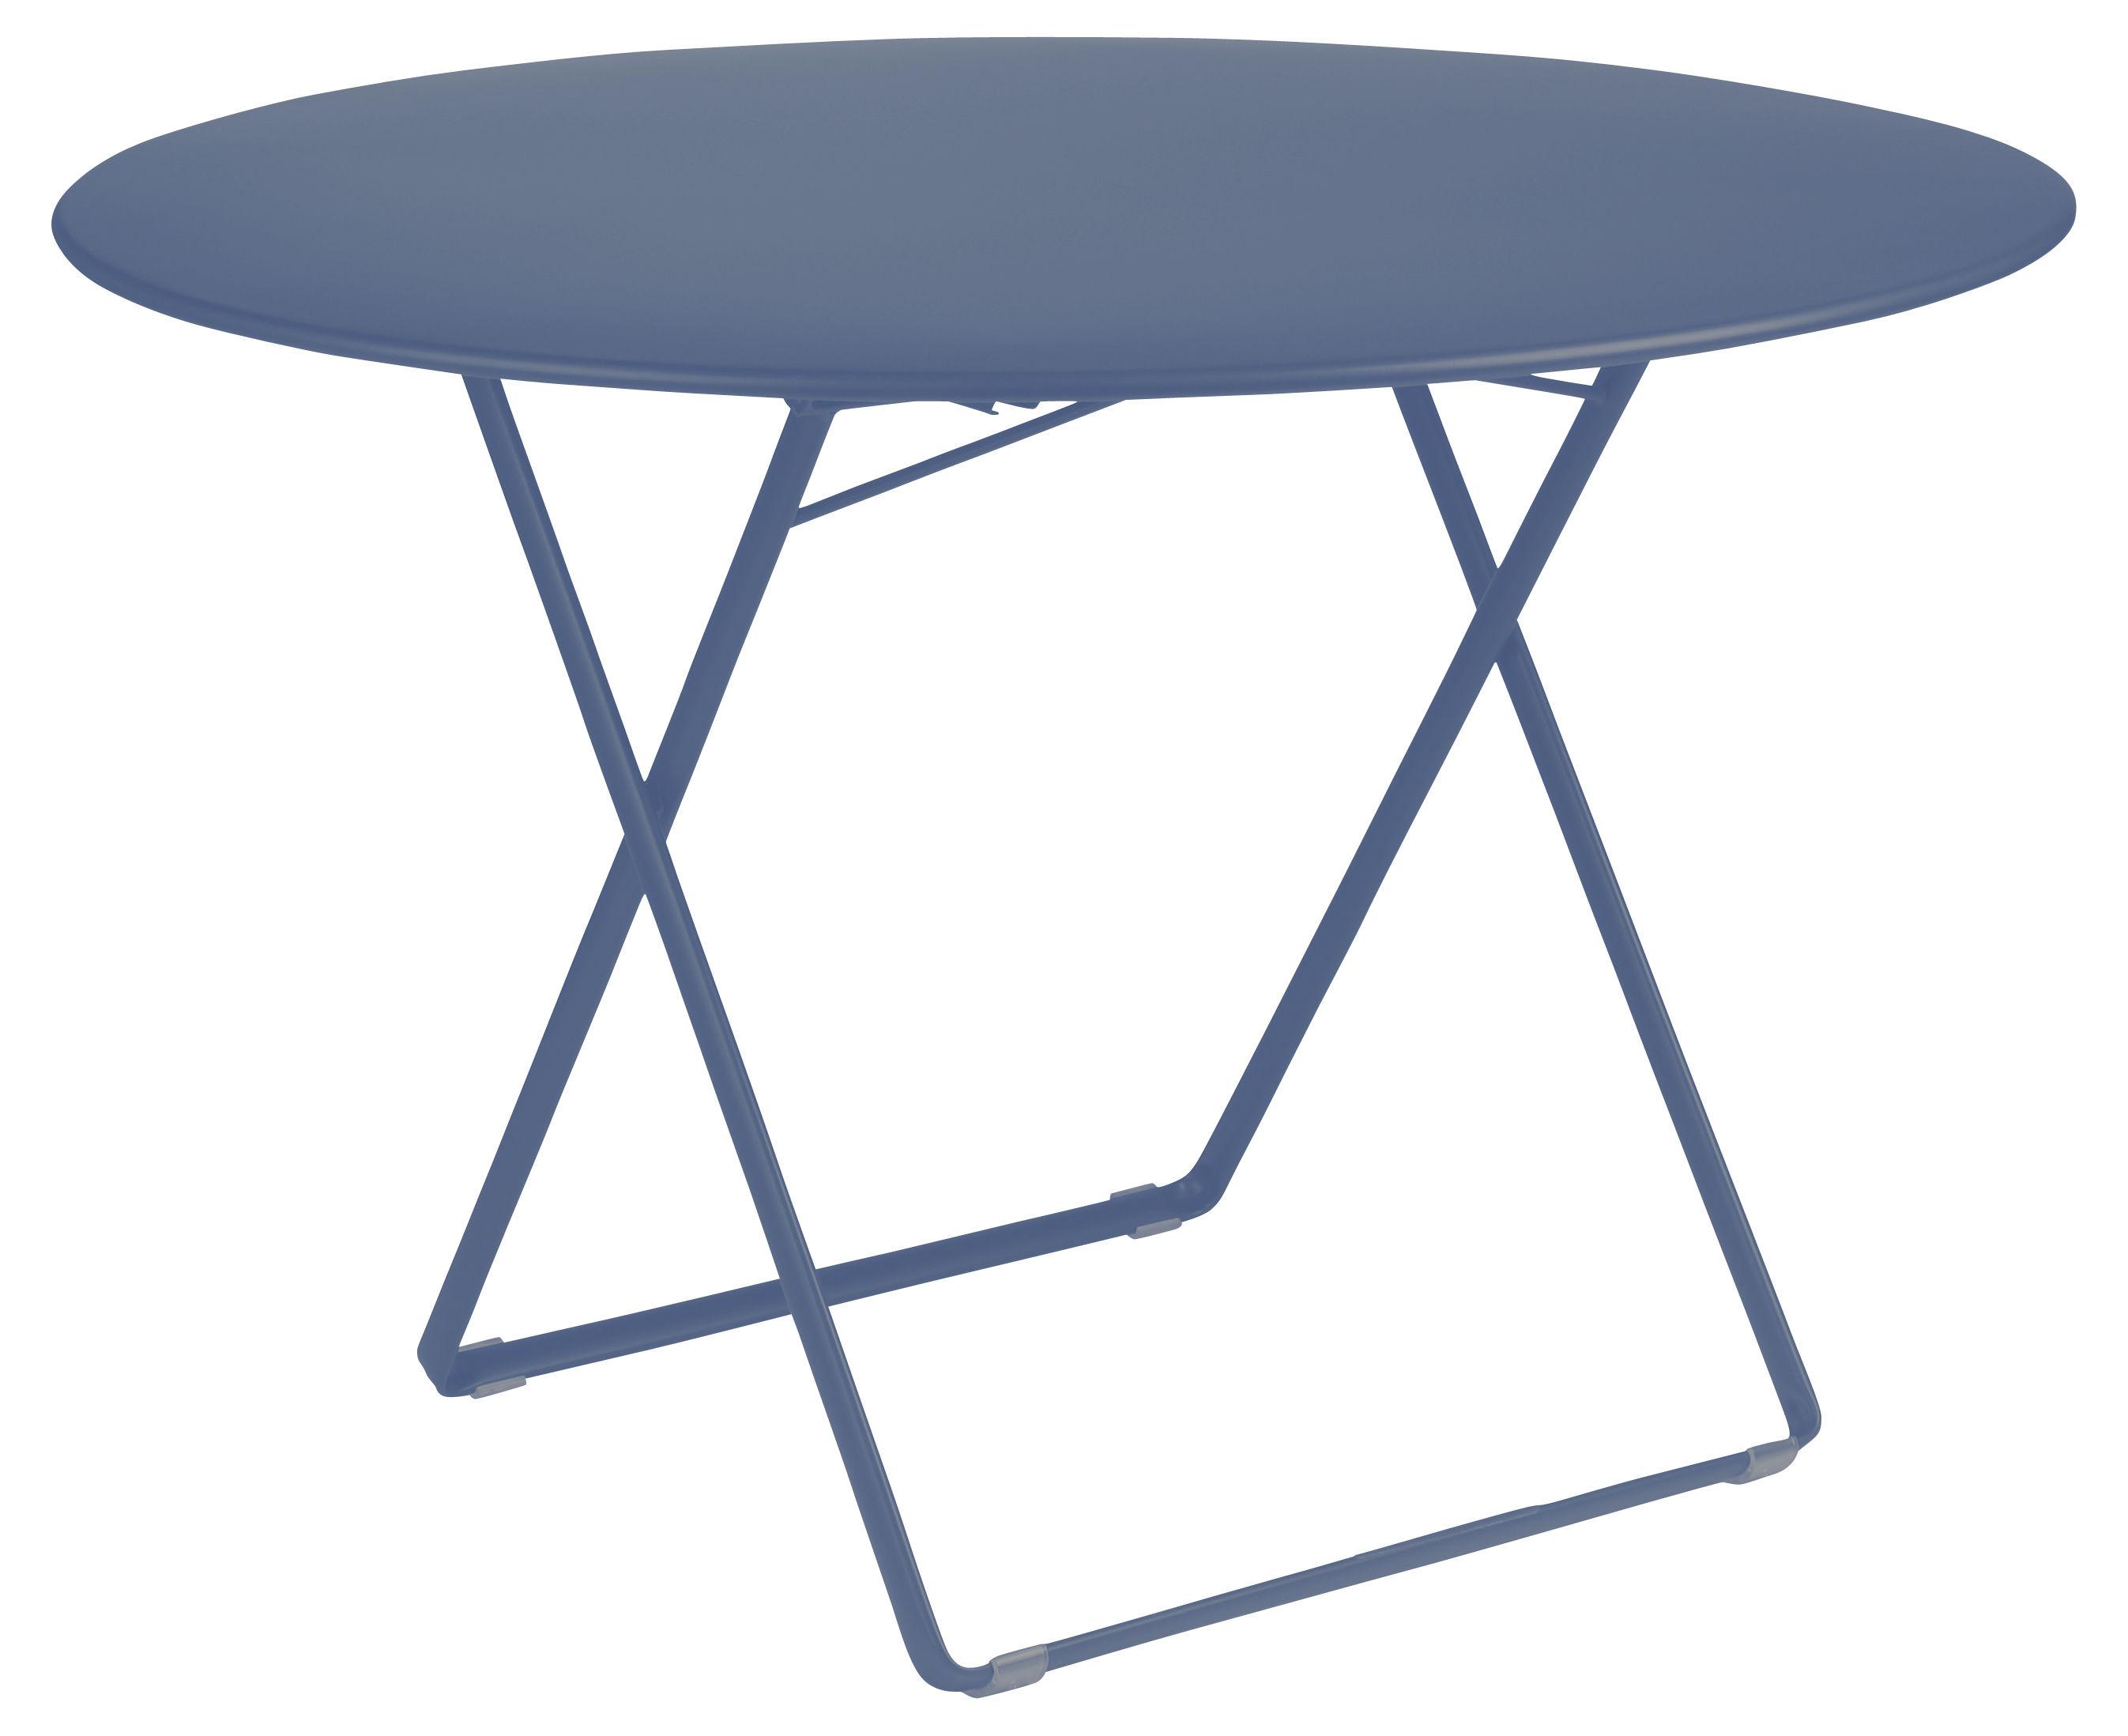 plein air rund 120 cm fermob gartentisch. Black Bedroom Furniture Sets. Home Design Ideas